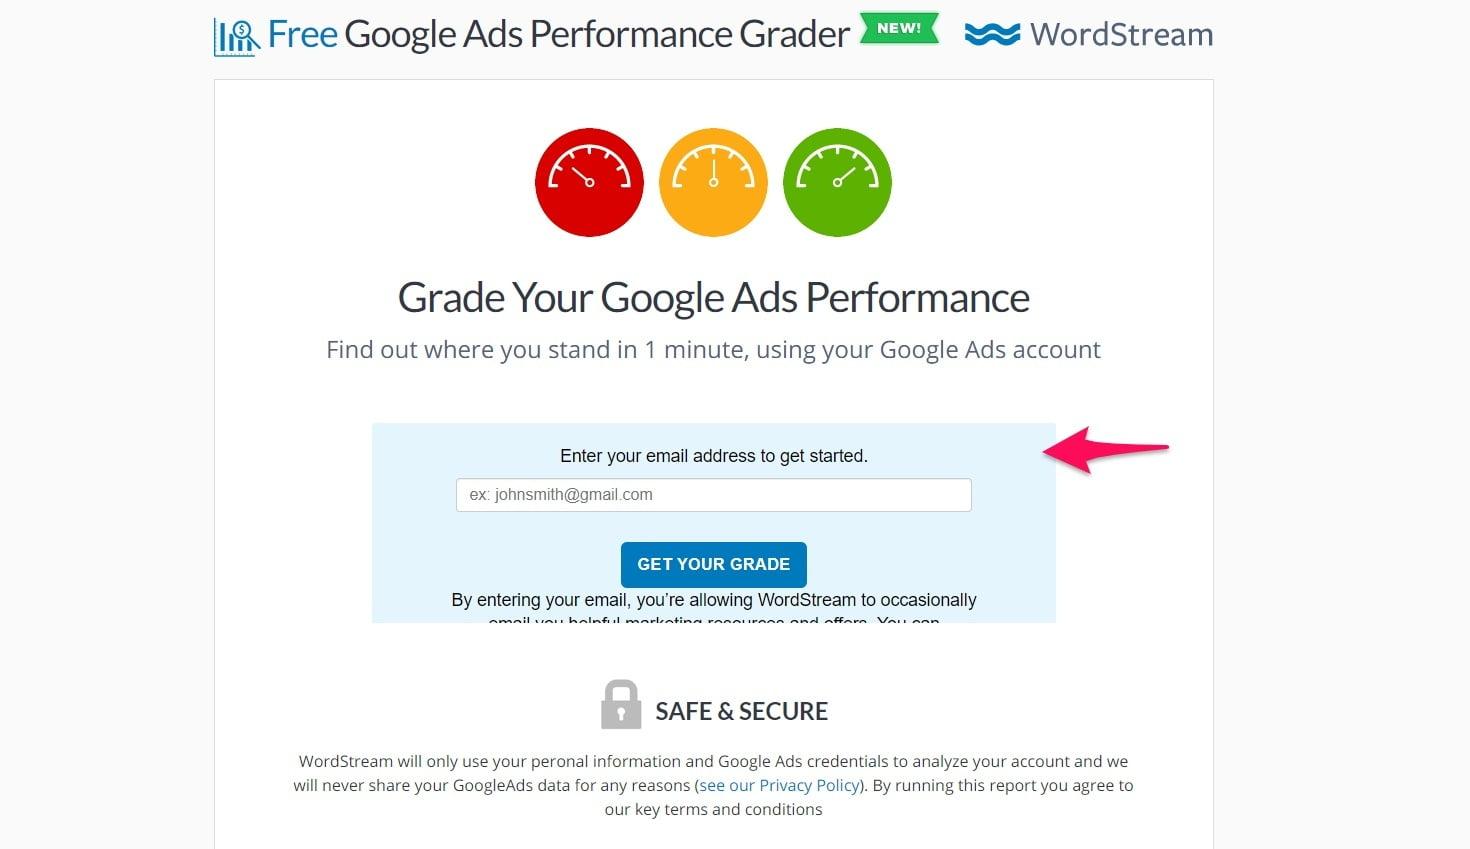 WordStream ad grader